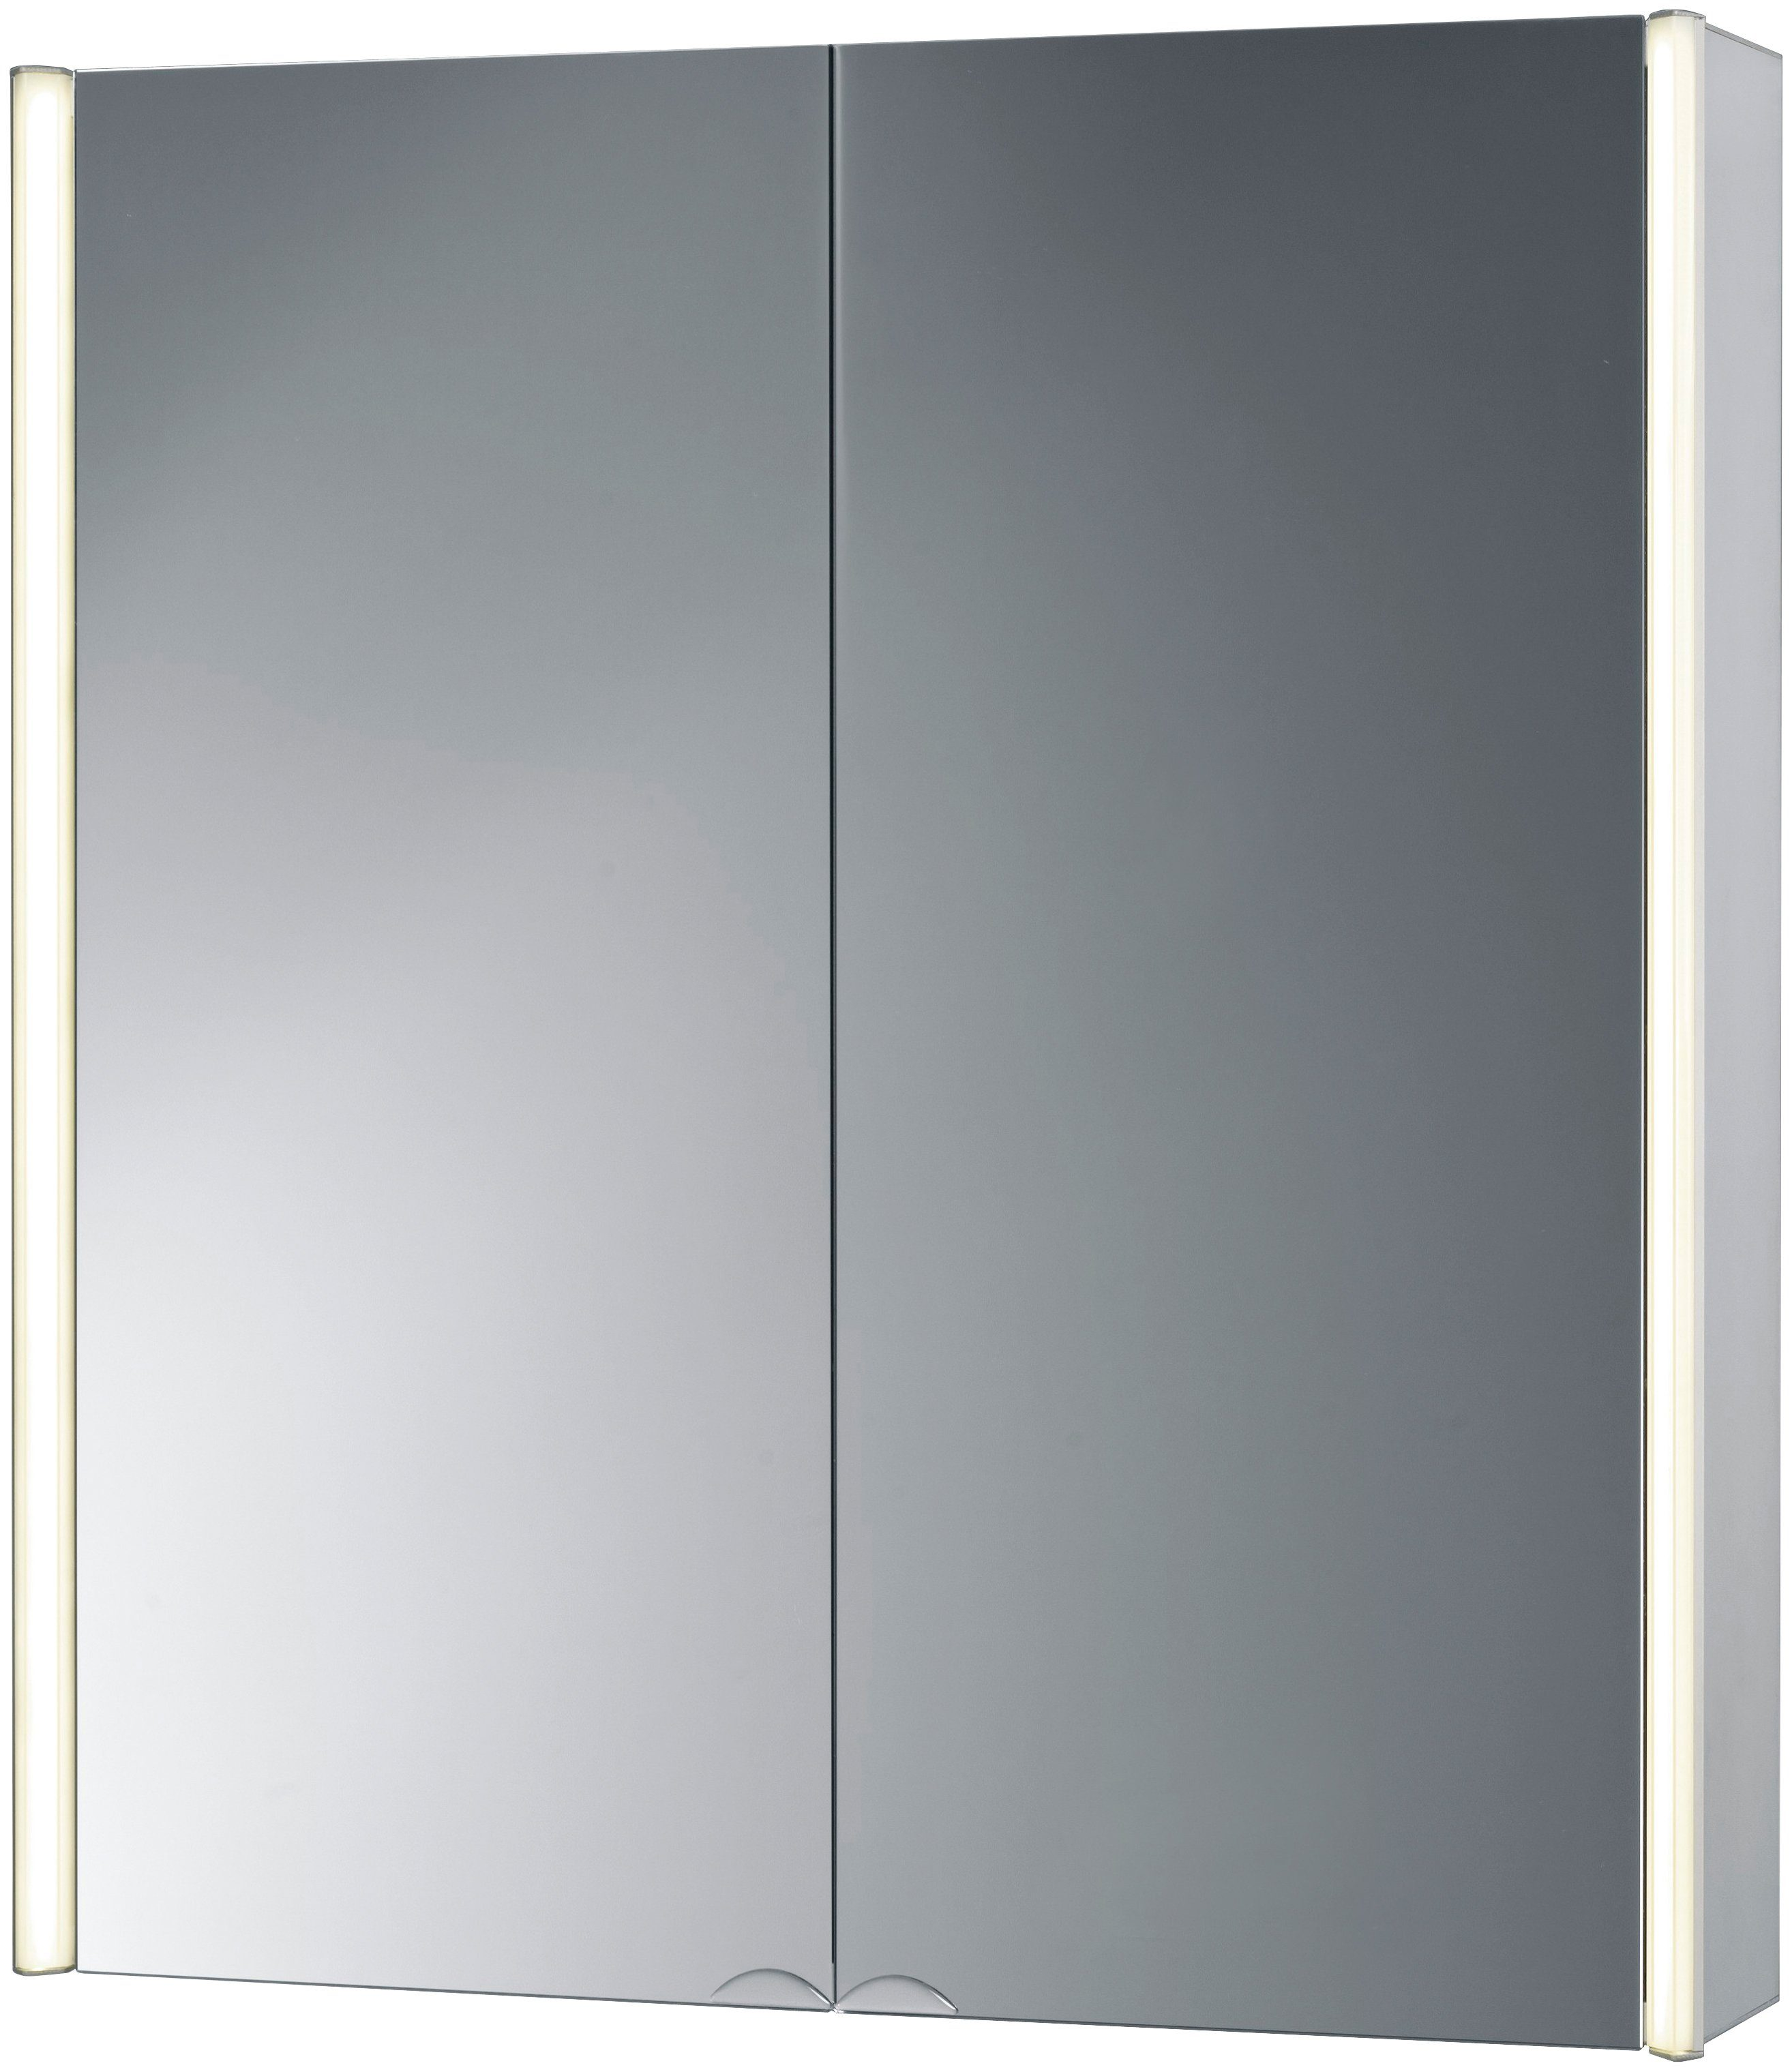 Spiegelschrank »CantAlu« Breite 67 cm, mit LED-Beleuchtung